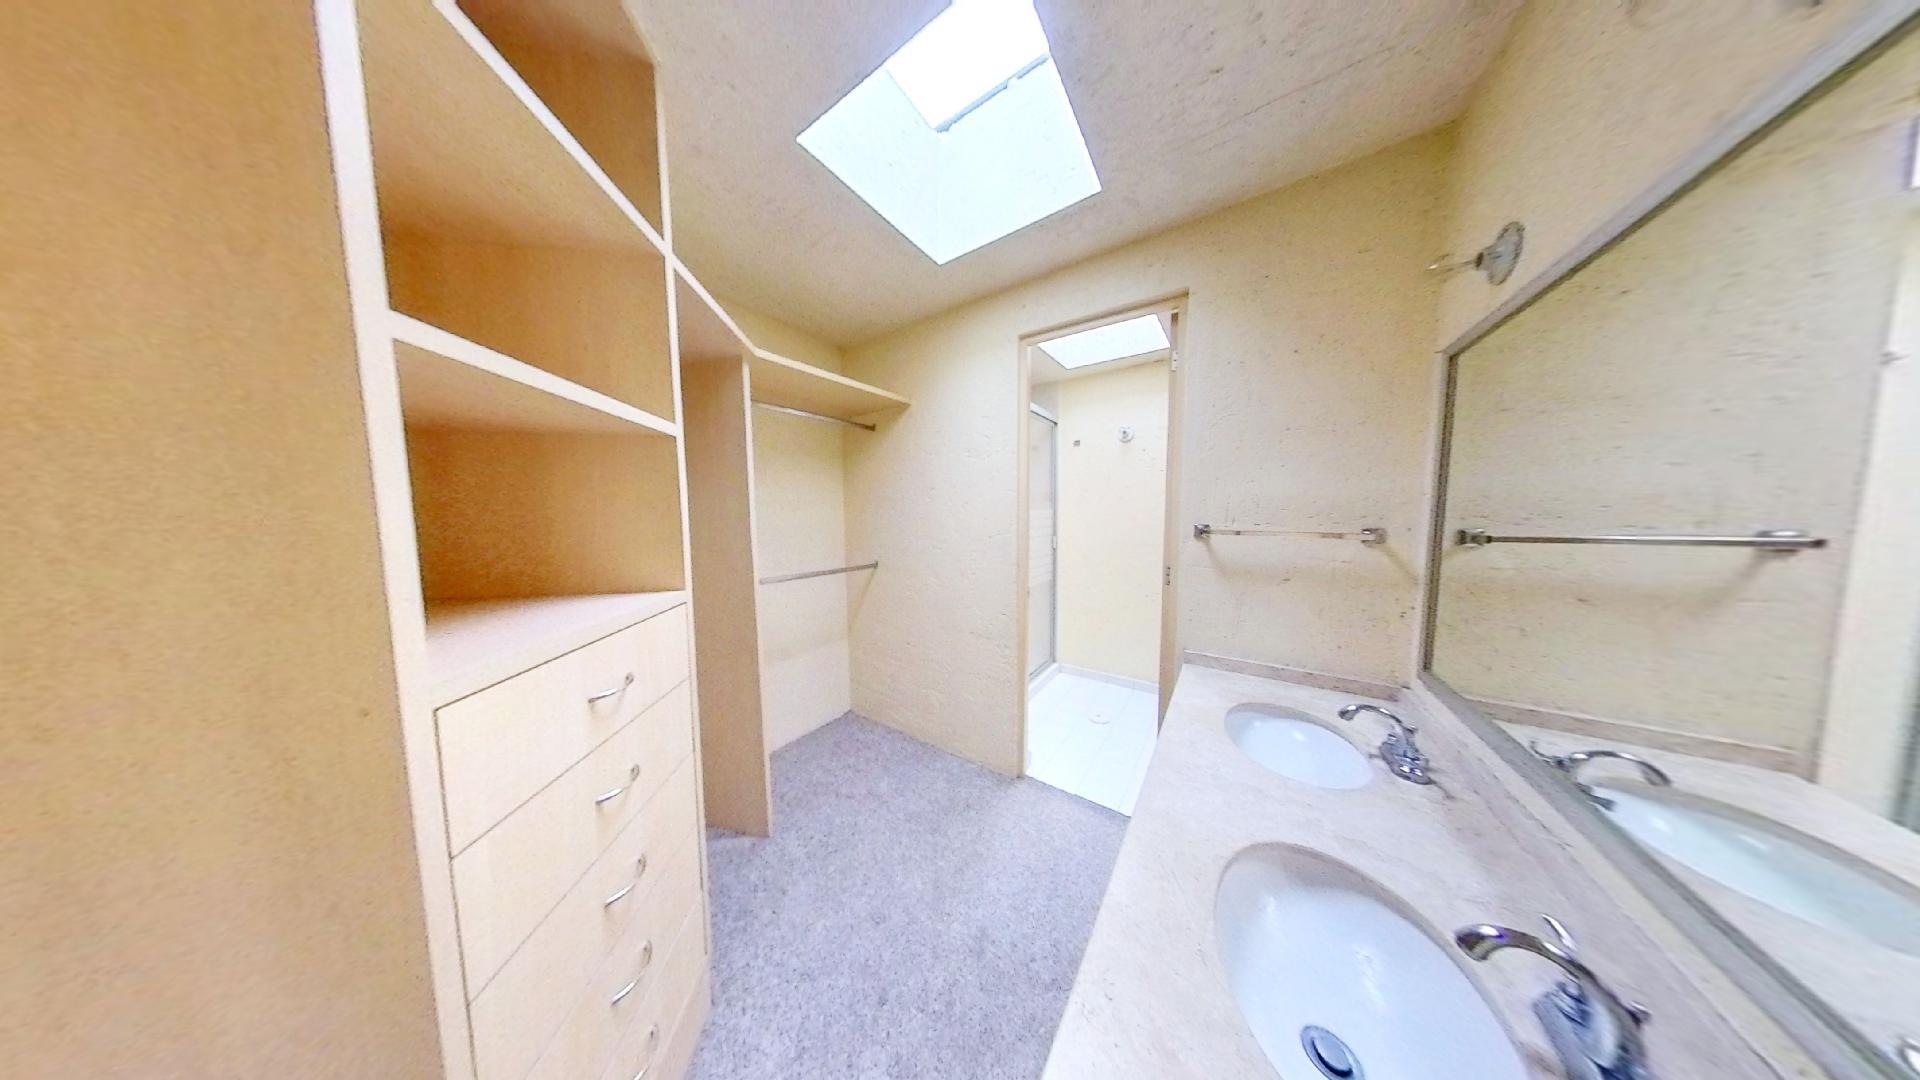 Casa en venta de 3 recámaras en Condominio Los Fresnos, Naucalpan de Juárez, entre Lomas Verdes y Jardines de San Mateo, EDOMEX. Vestidor